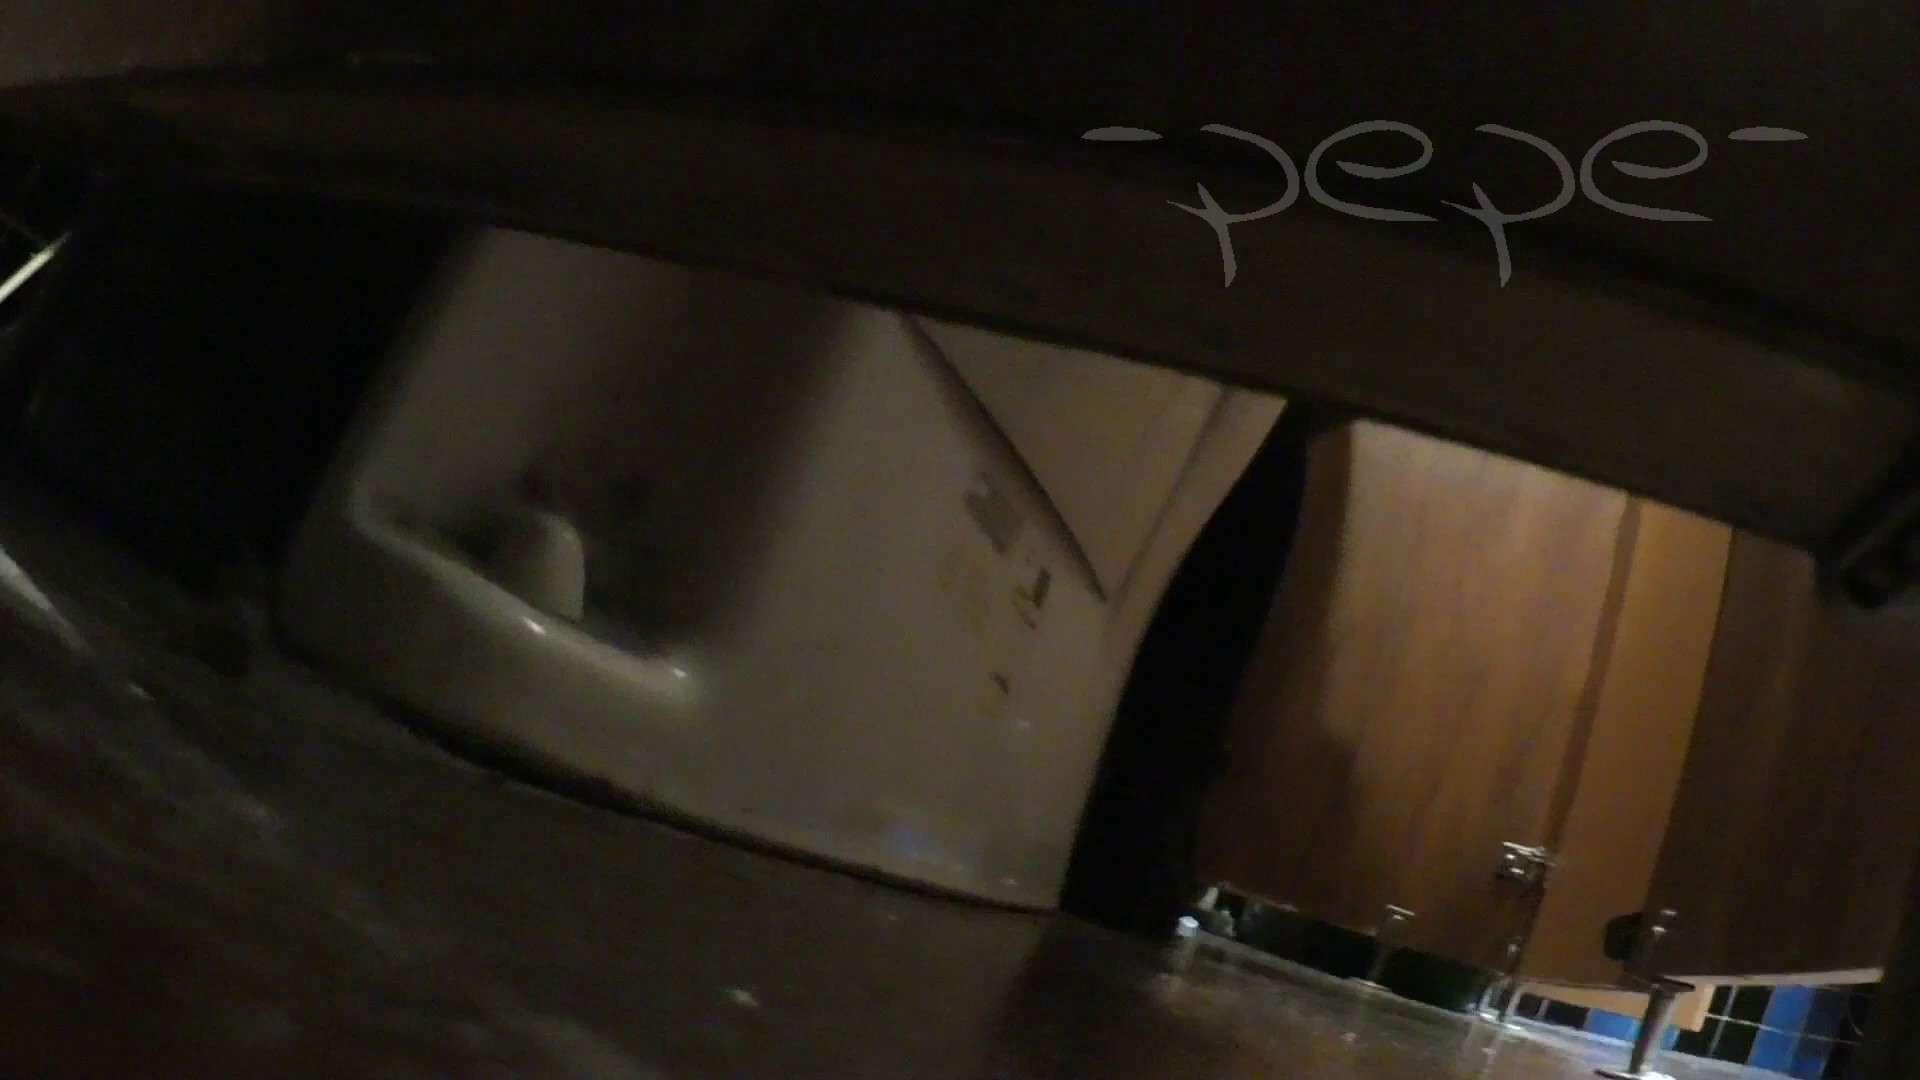 おまんこ丸見え|至高洗面所盗撮 29 至高店内撮り 見せますpepeの技!!|怪盗ジョーカー